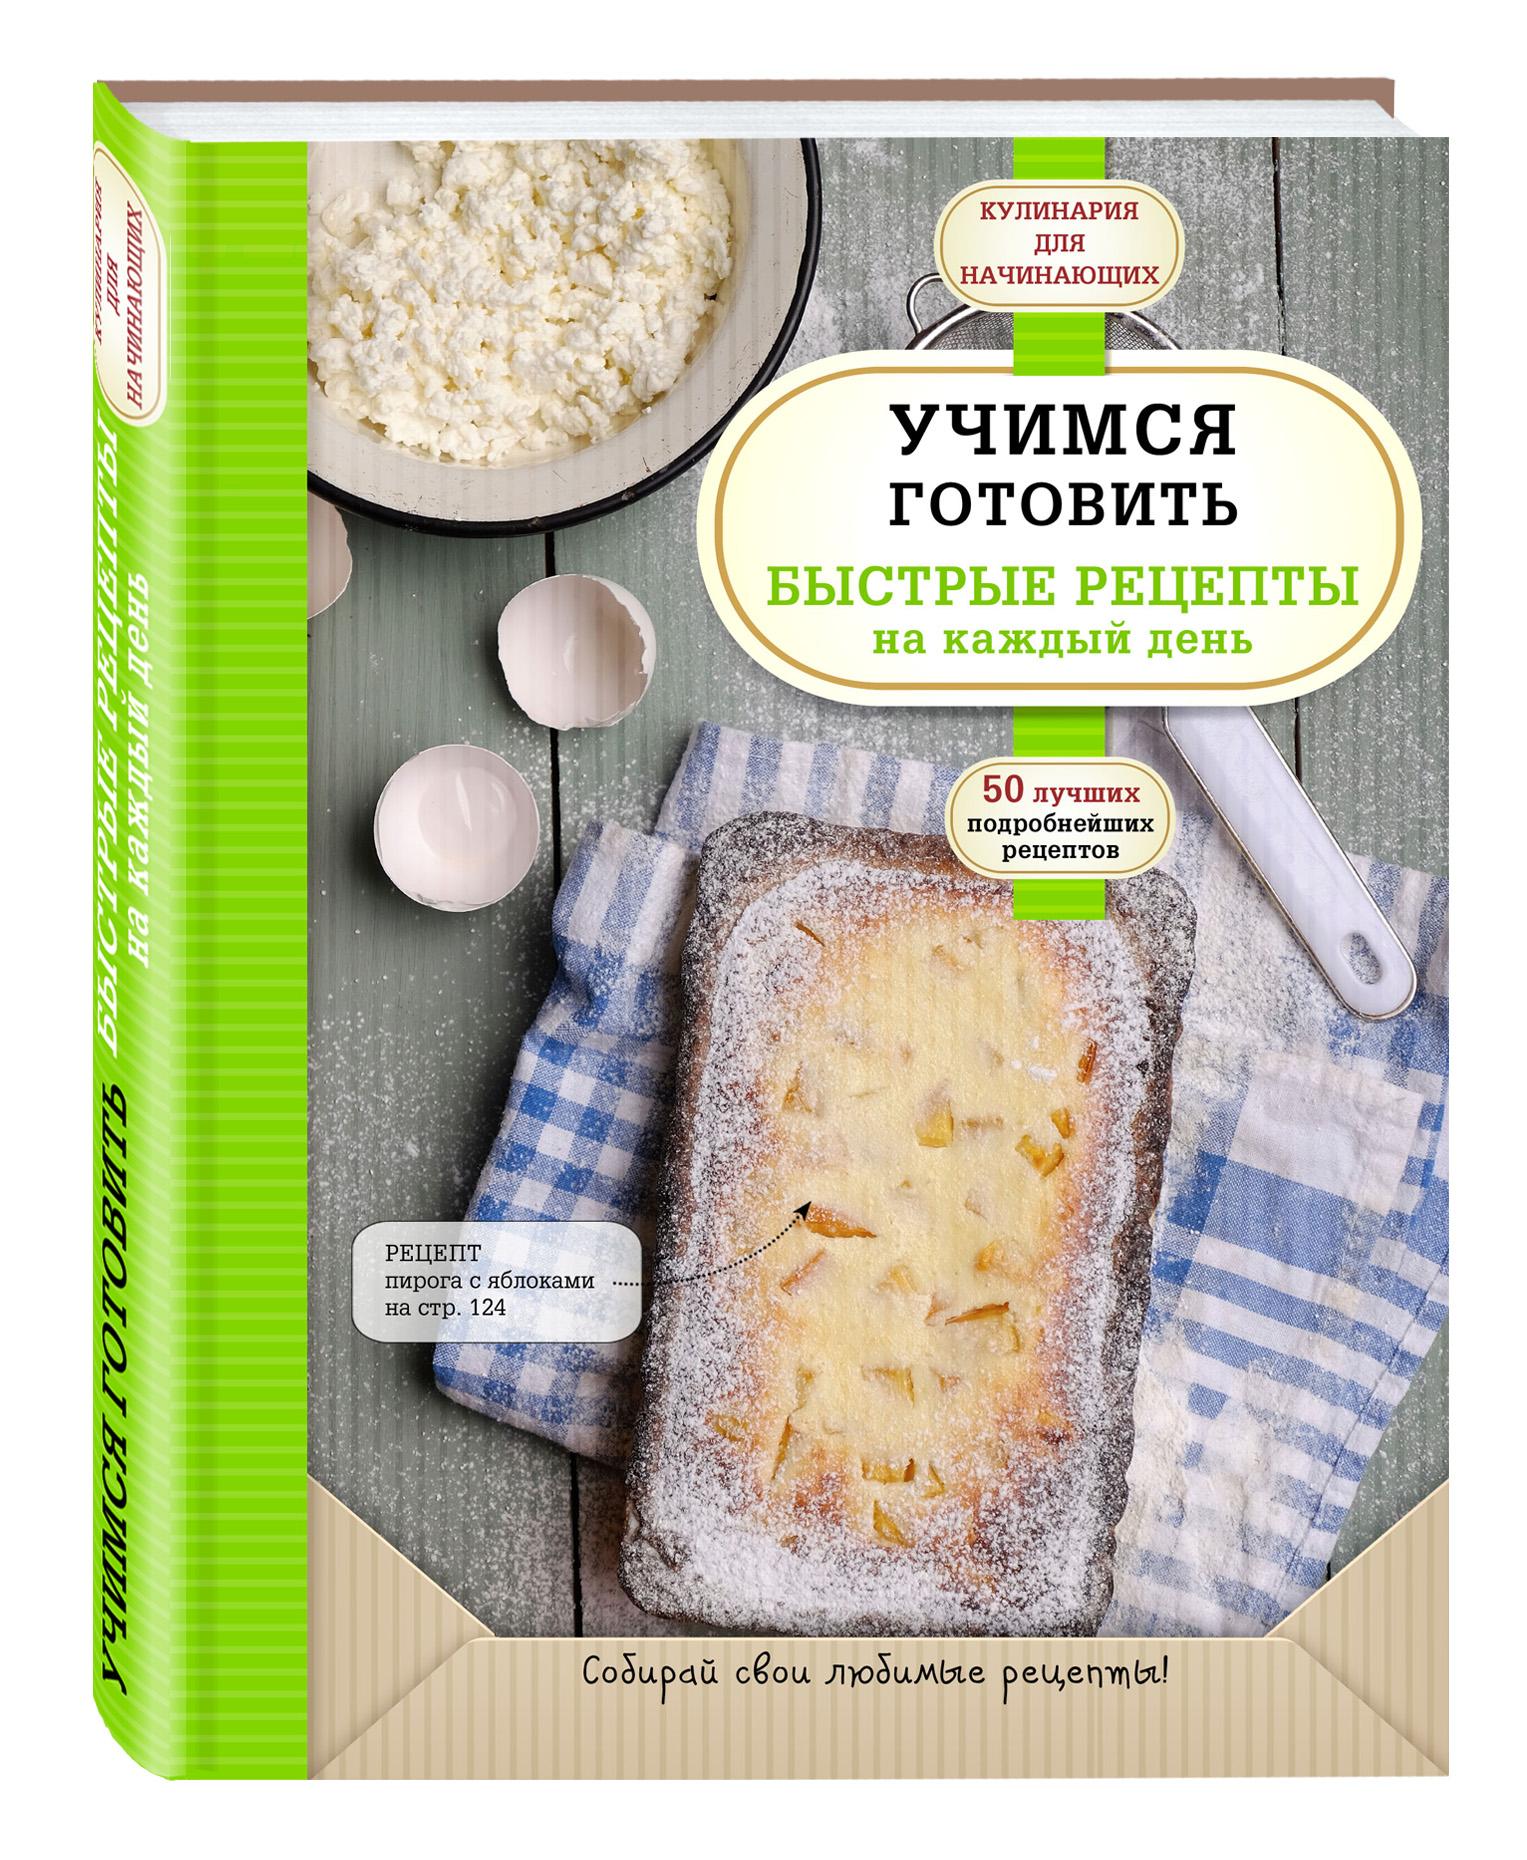 рецепты для чайников с фото читать всем рекомендую